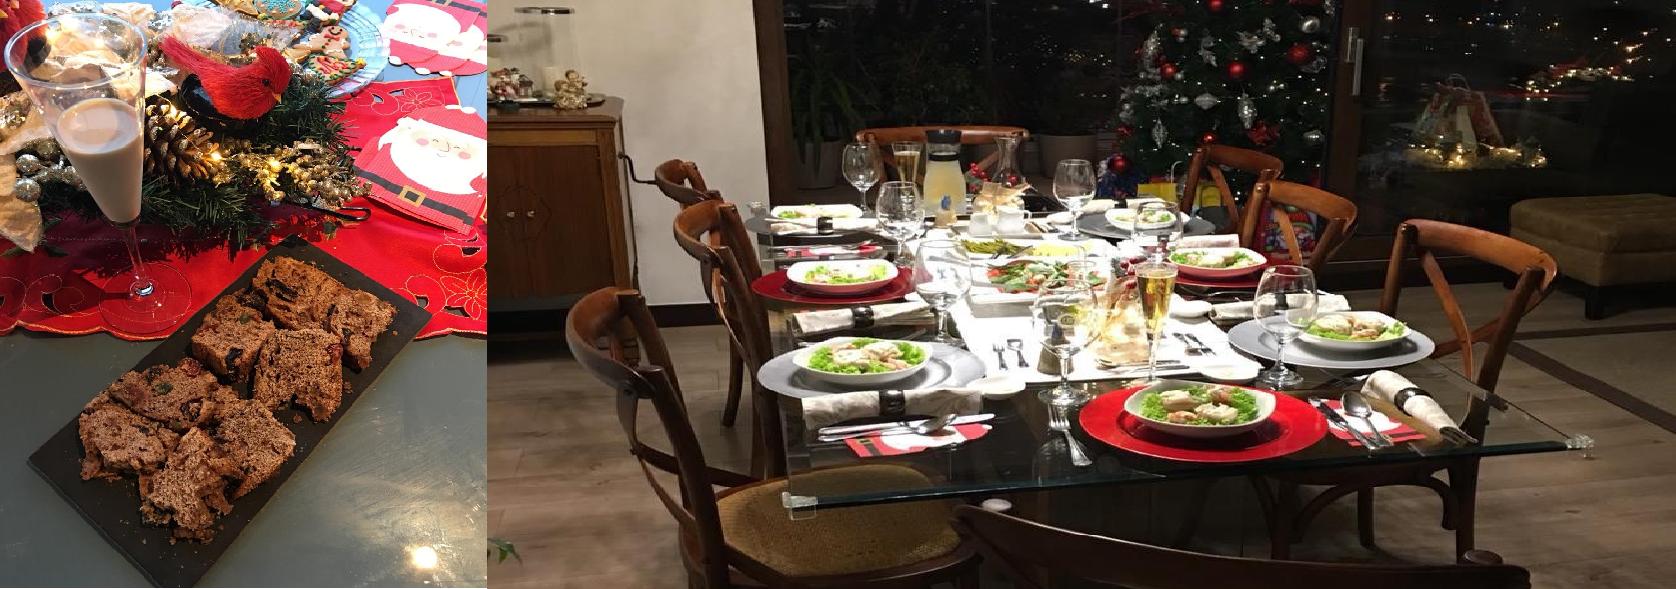 Chile Navidad Christmas Combi Table Food Traditions